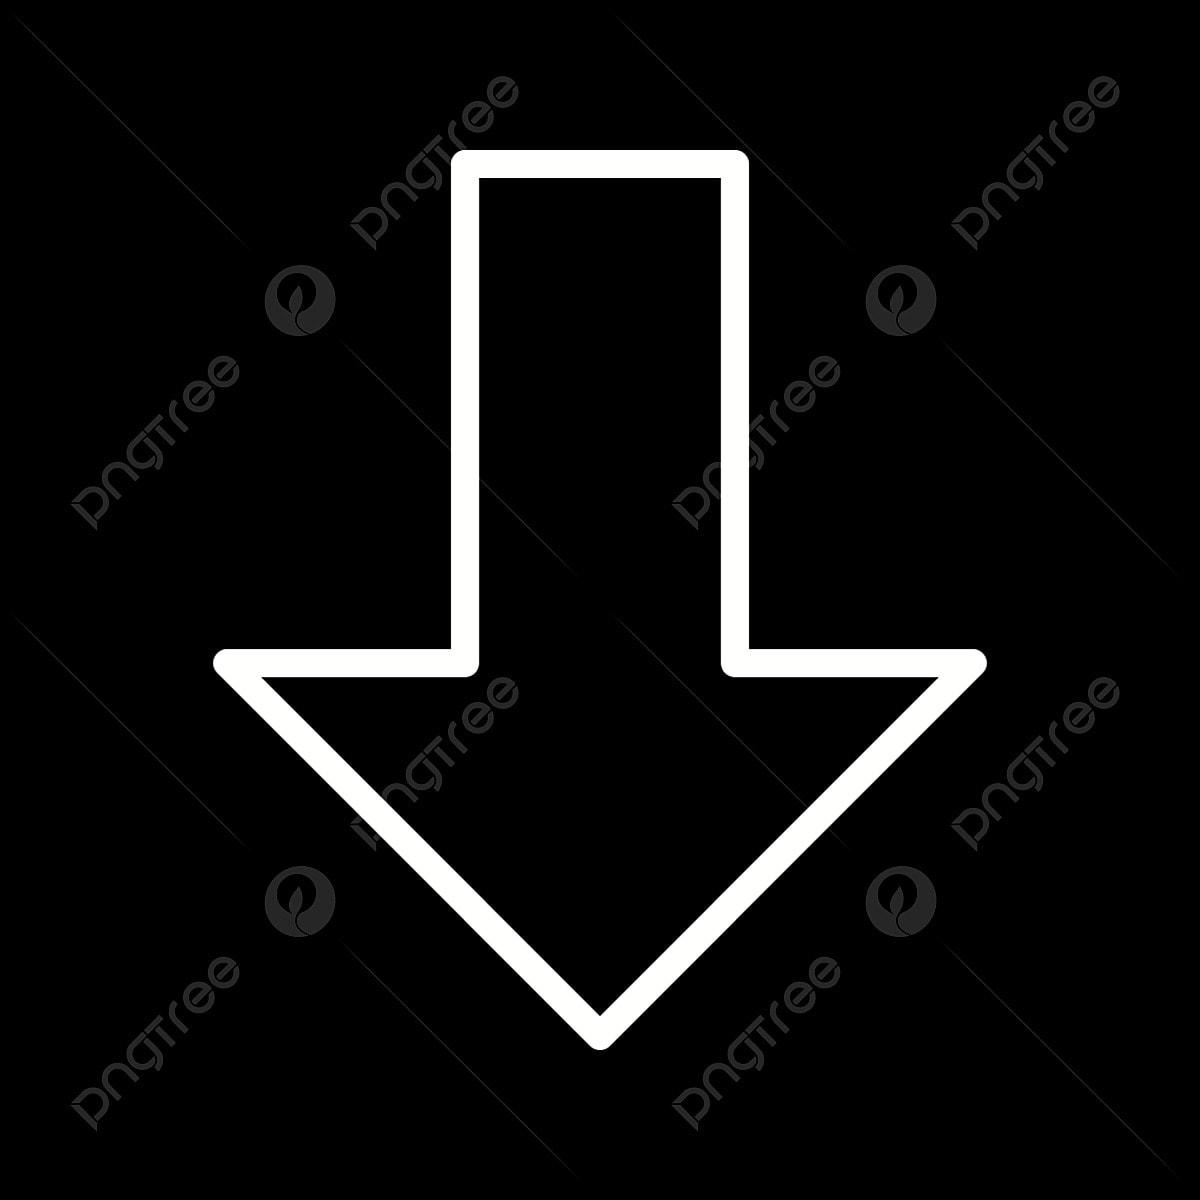 Baixar Vector ícone Seta ícone Da Seta Fundo Png E Vetor